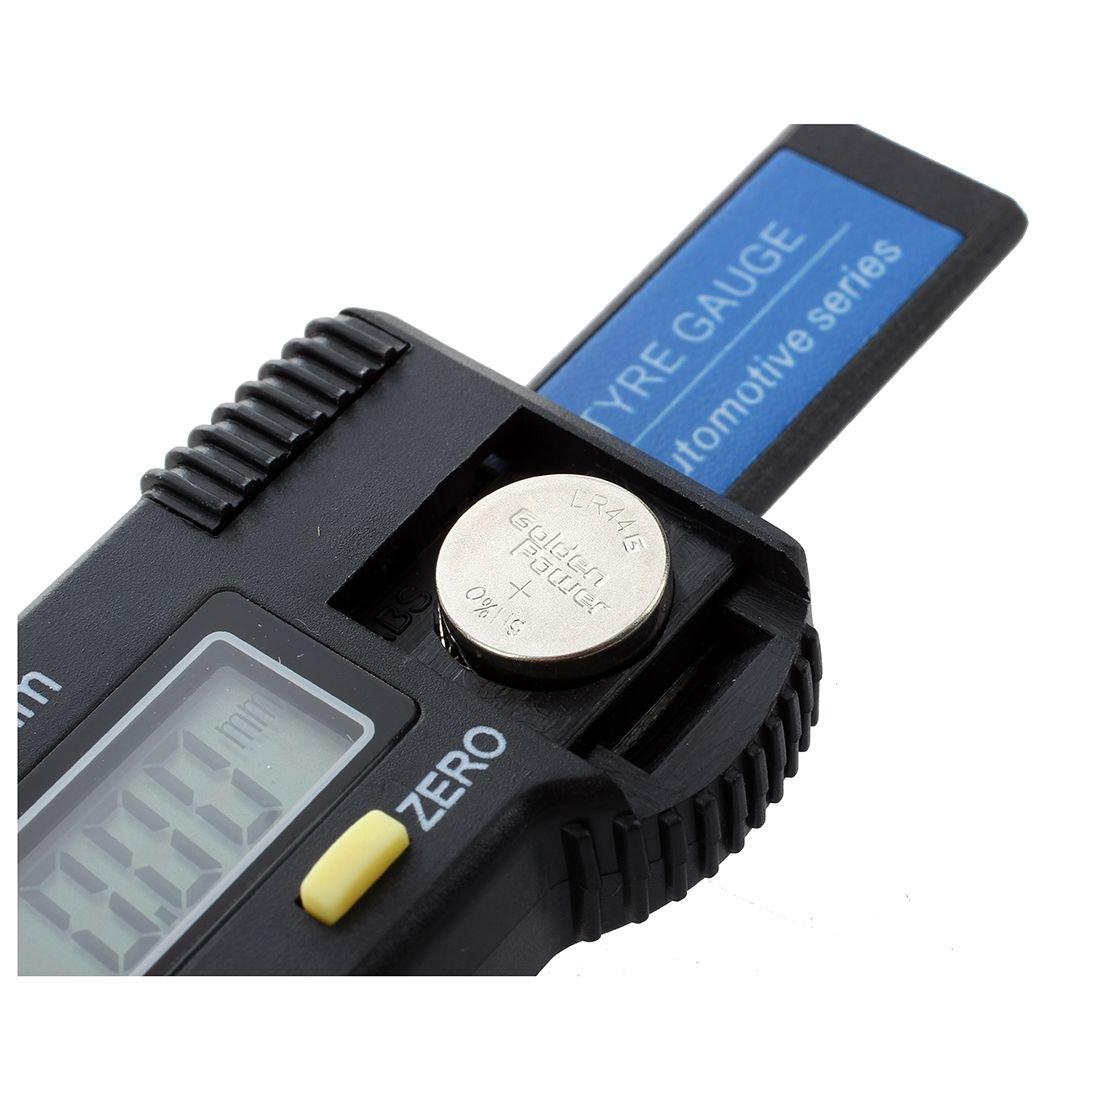 REFURBISHHOUSE Digital Tiefenmesser Messchieber Profiltiefenmesser LCD Reifen Profilmesser